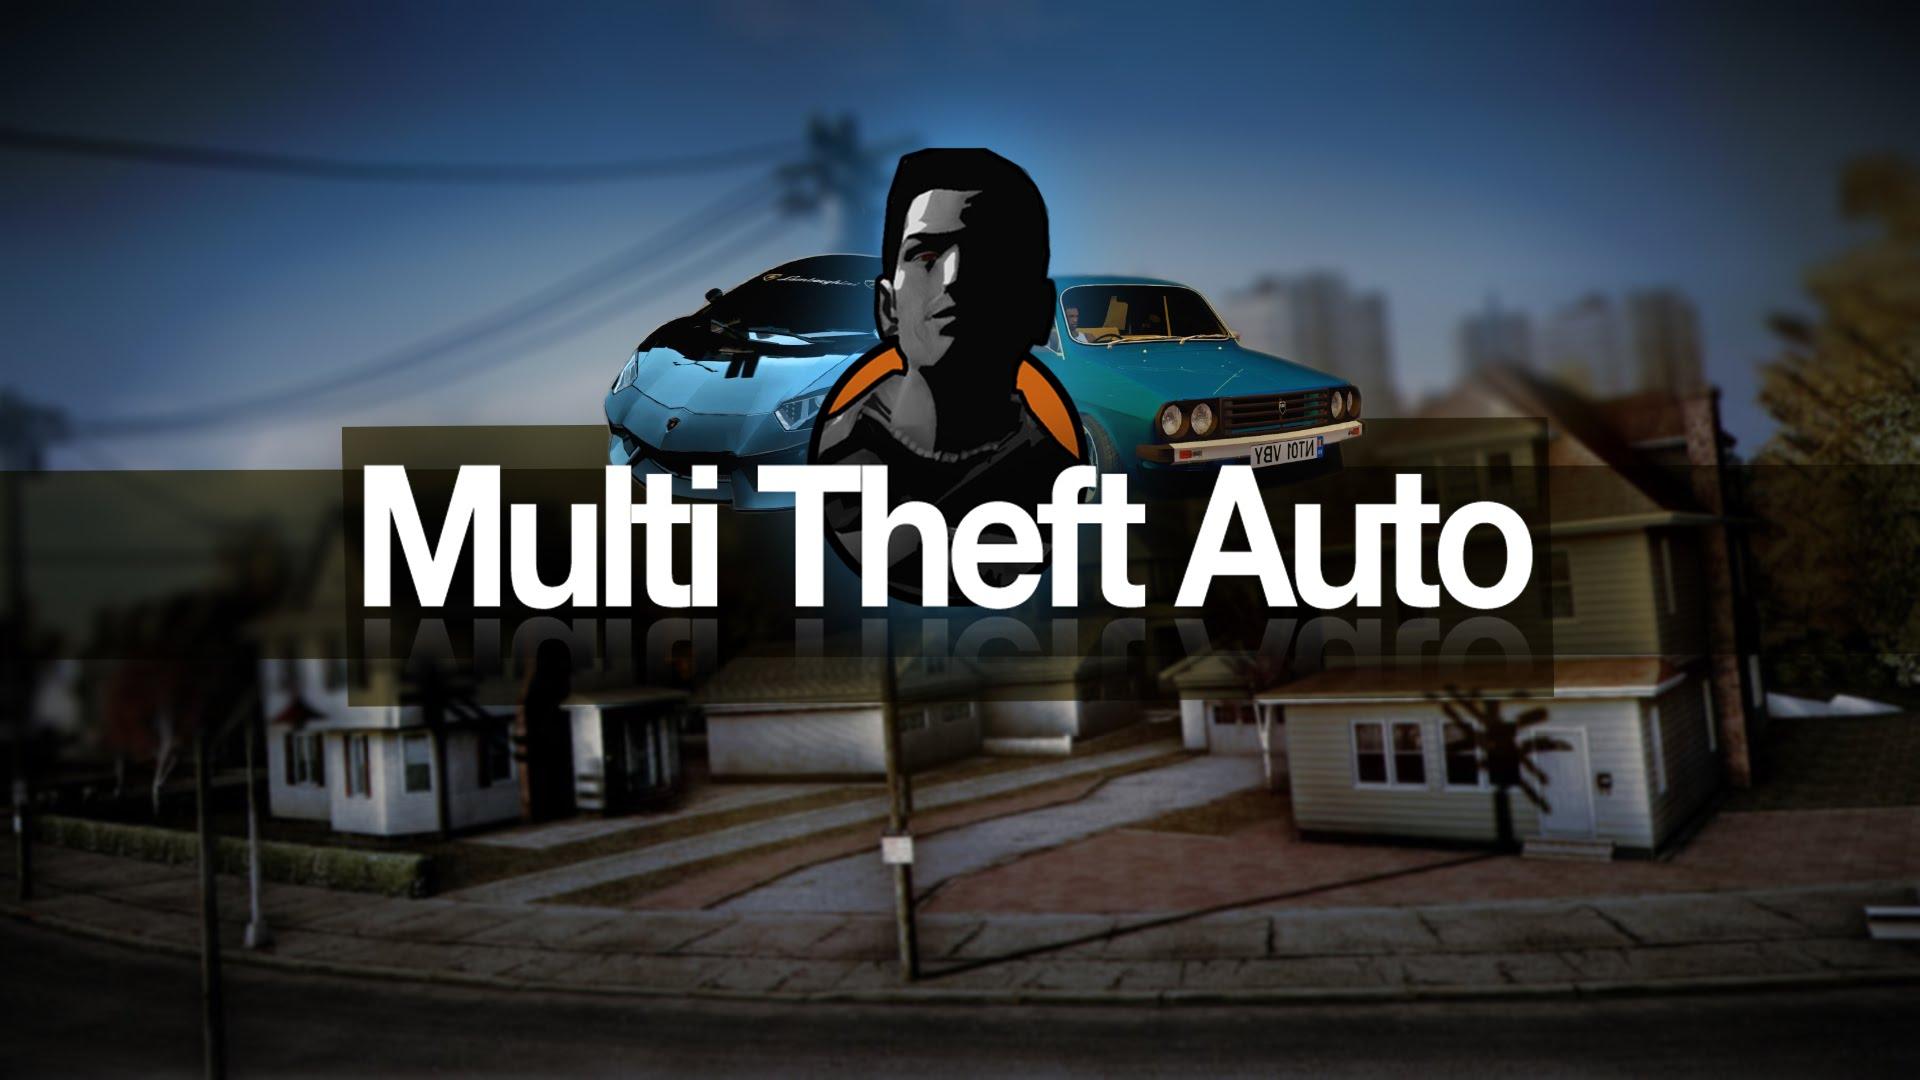 دانلود نرم افزار MTA و آموزش آنلاین کردن GTA SA با کیفیت تر